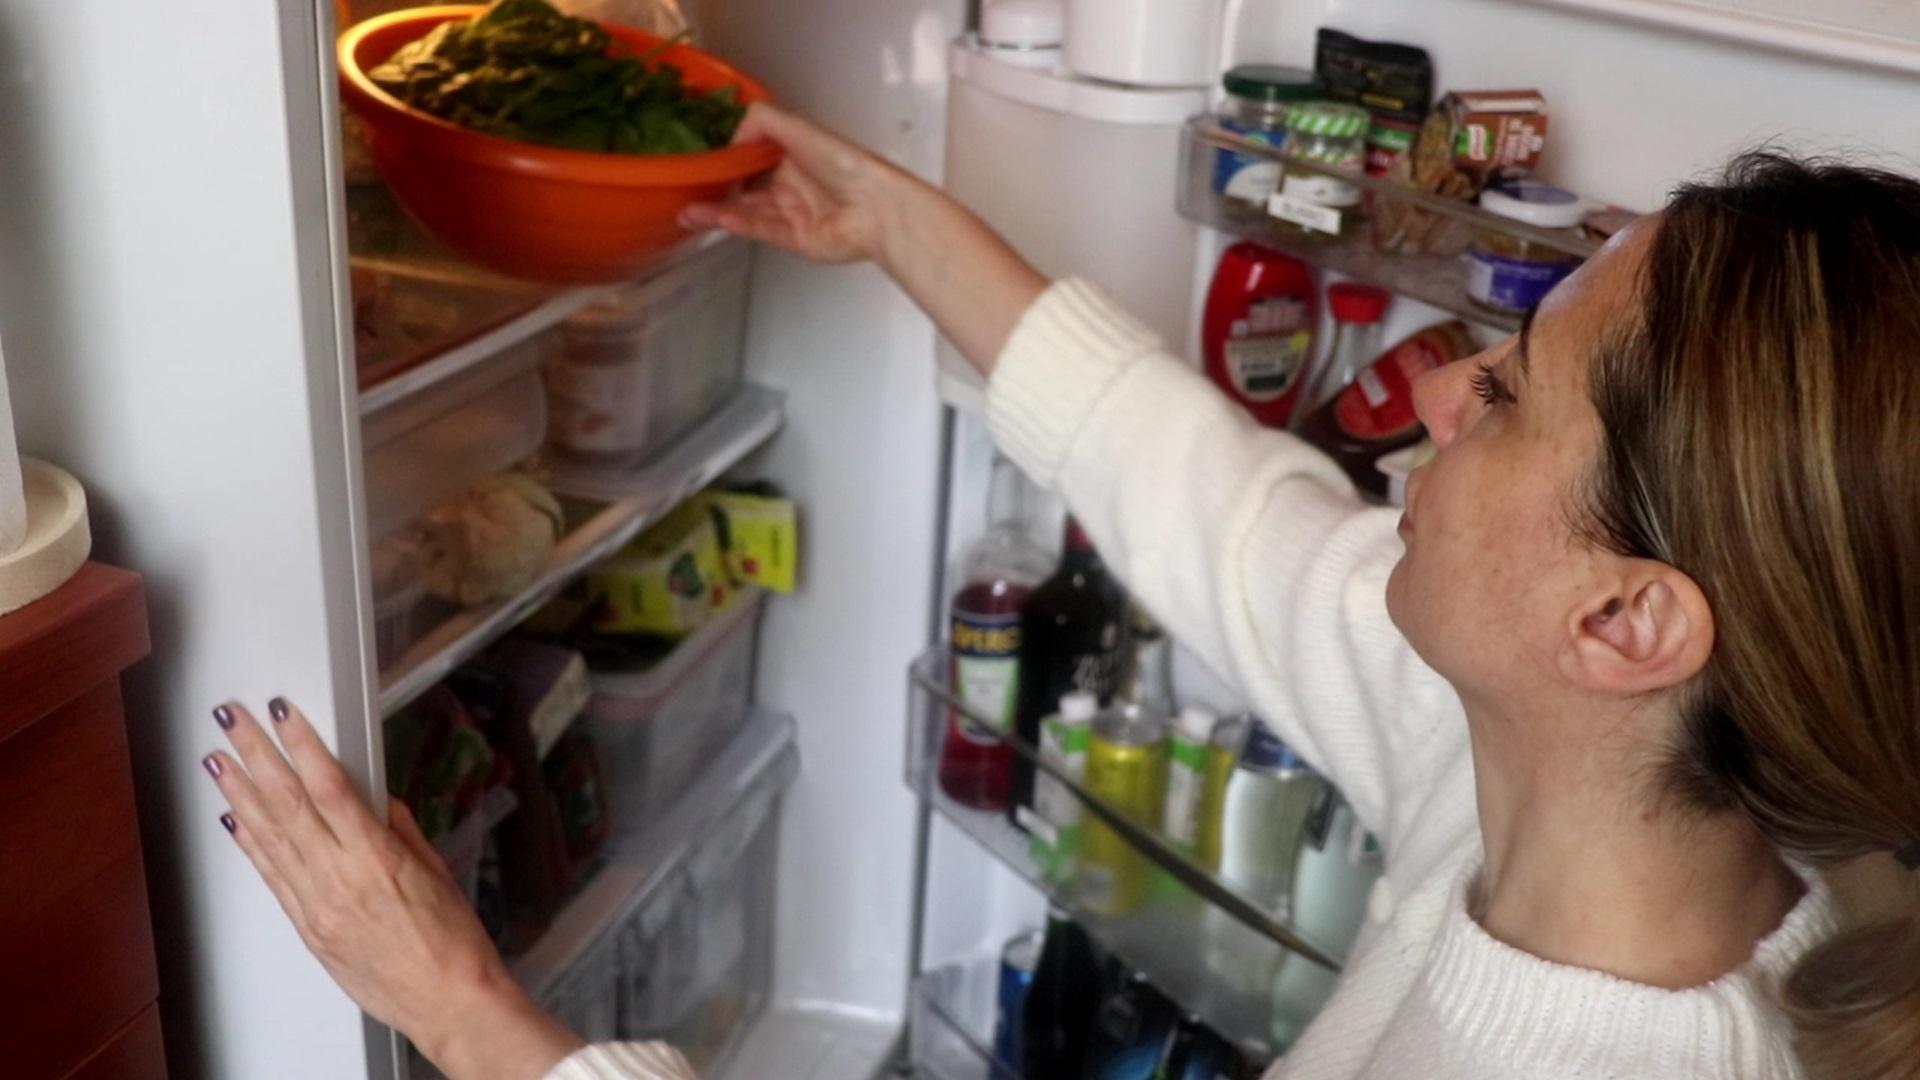 mettere ordine in frigo